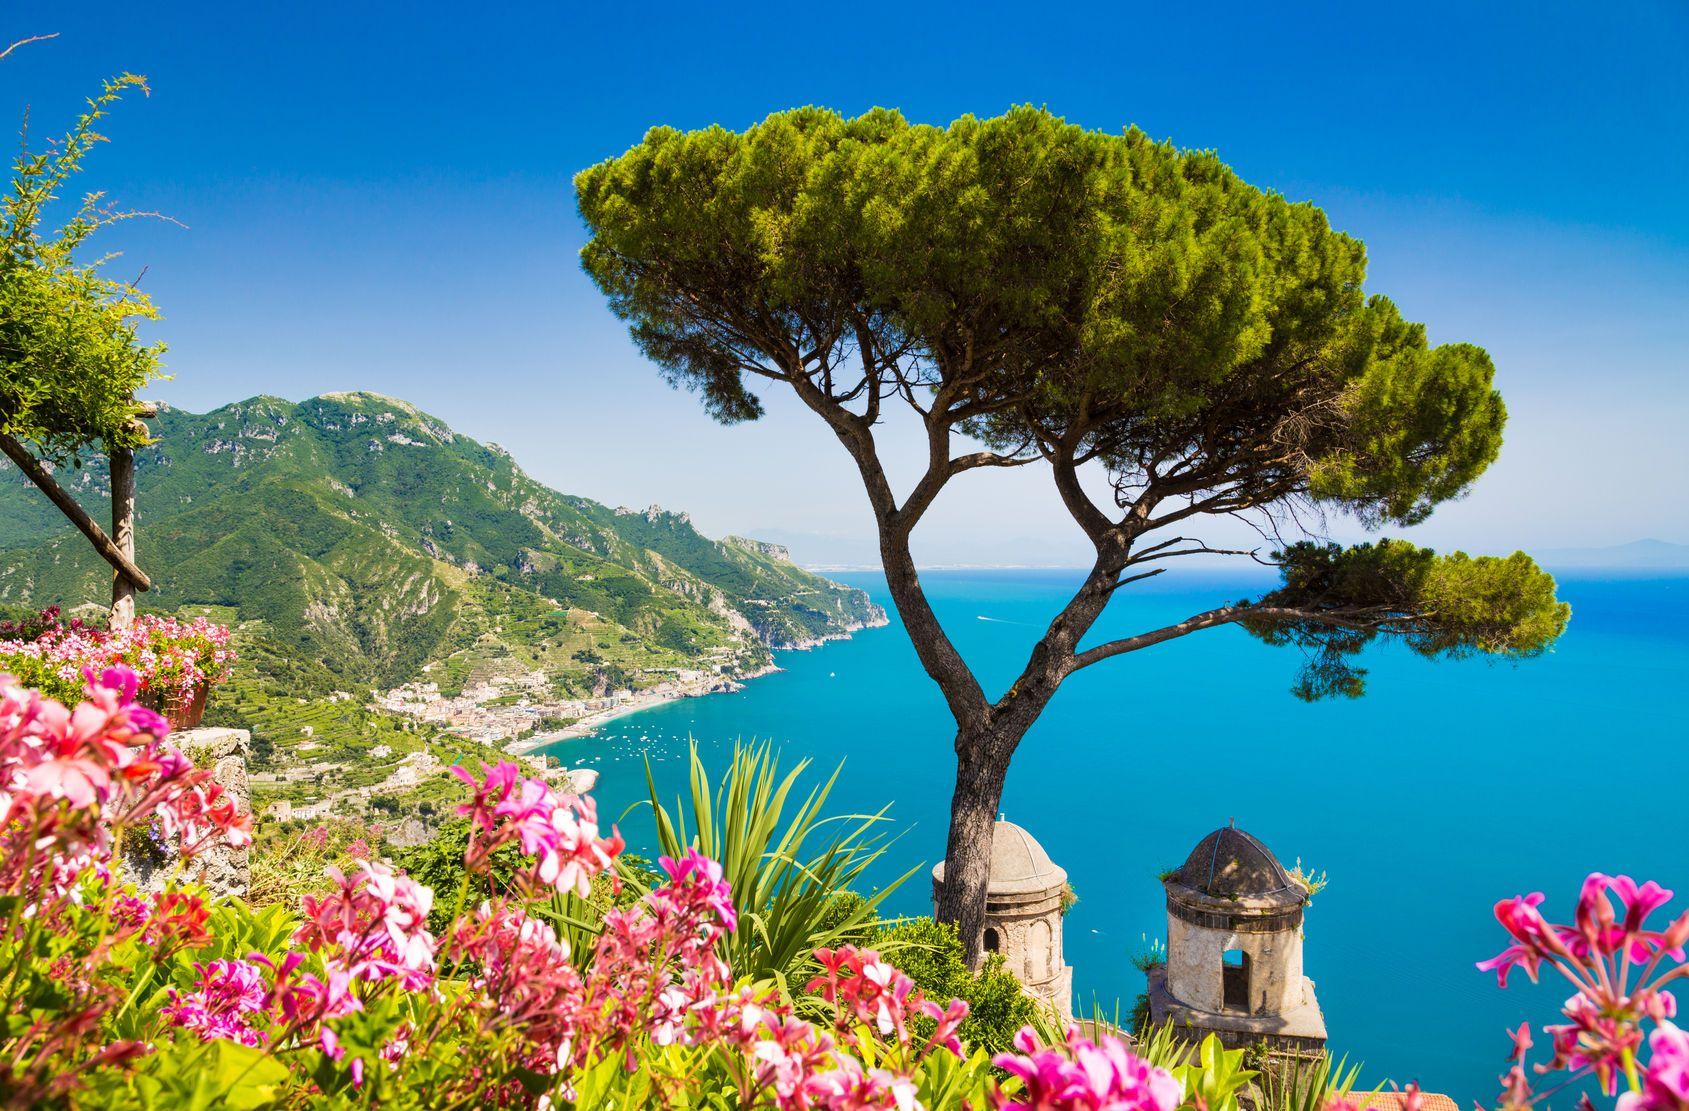 Traumhafter Rahmen für Hochzeiten in Süditalien: Die Amalfi Küste ...